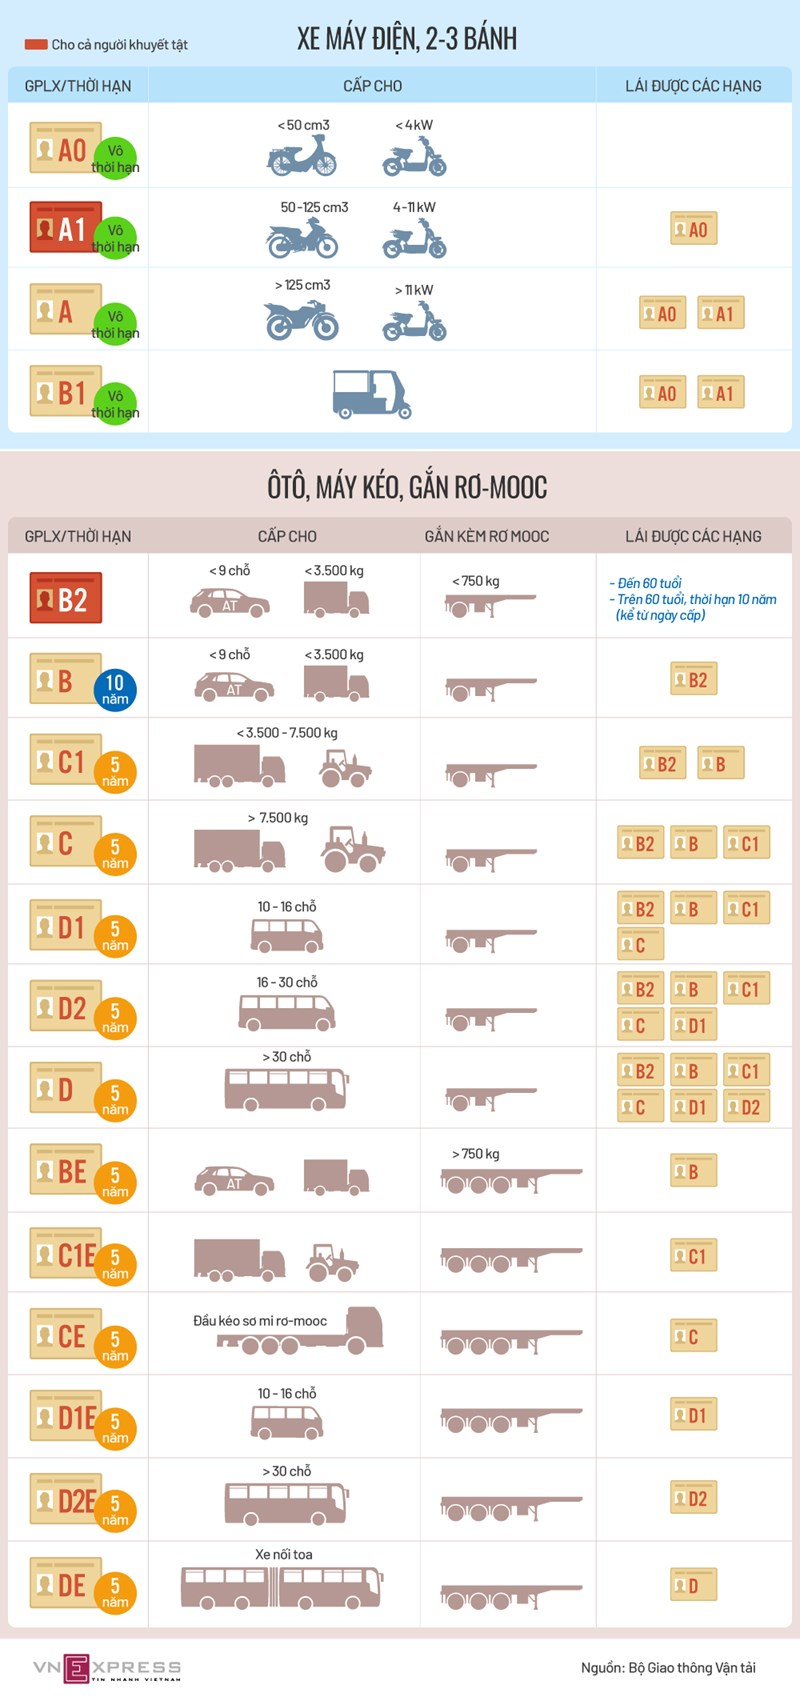 [Infographic] Các hạng bằng lái xe mới trong Dự thảo Luật Giao thông đường bộ - Ảnh 1